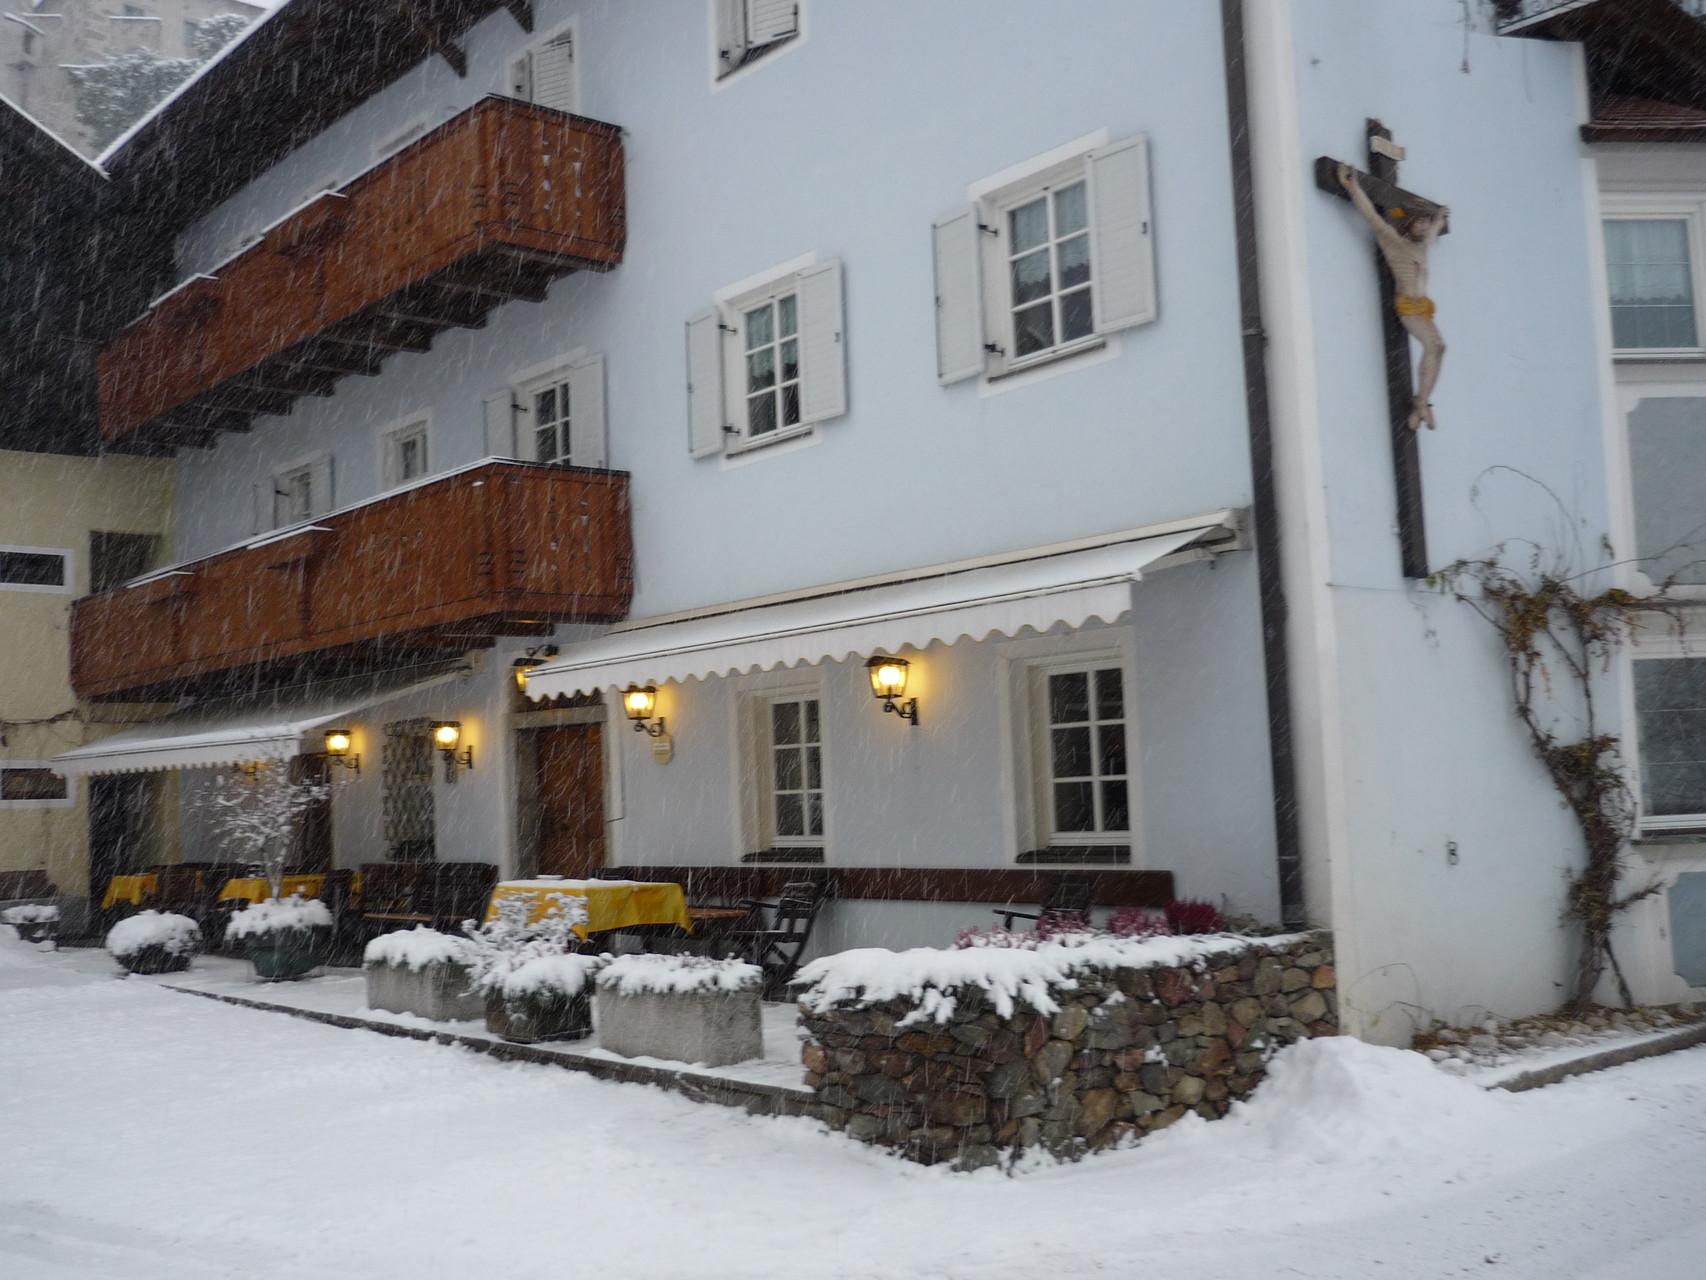 Gasthof Obermair Ehrenburg Kiens Pustertal Südtirol Hotel